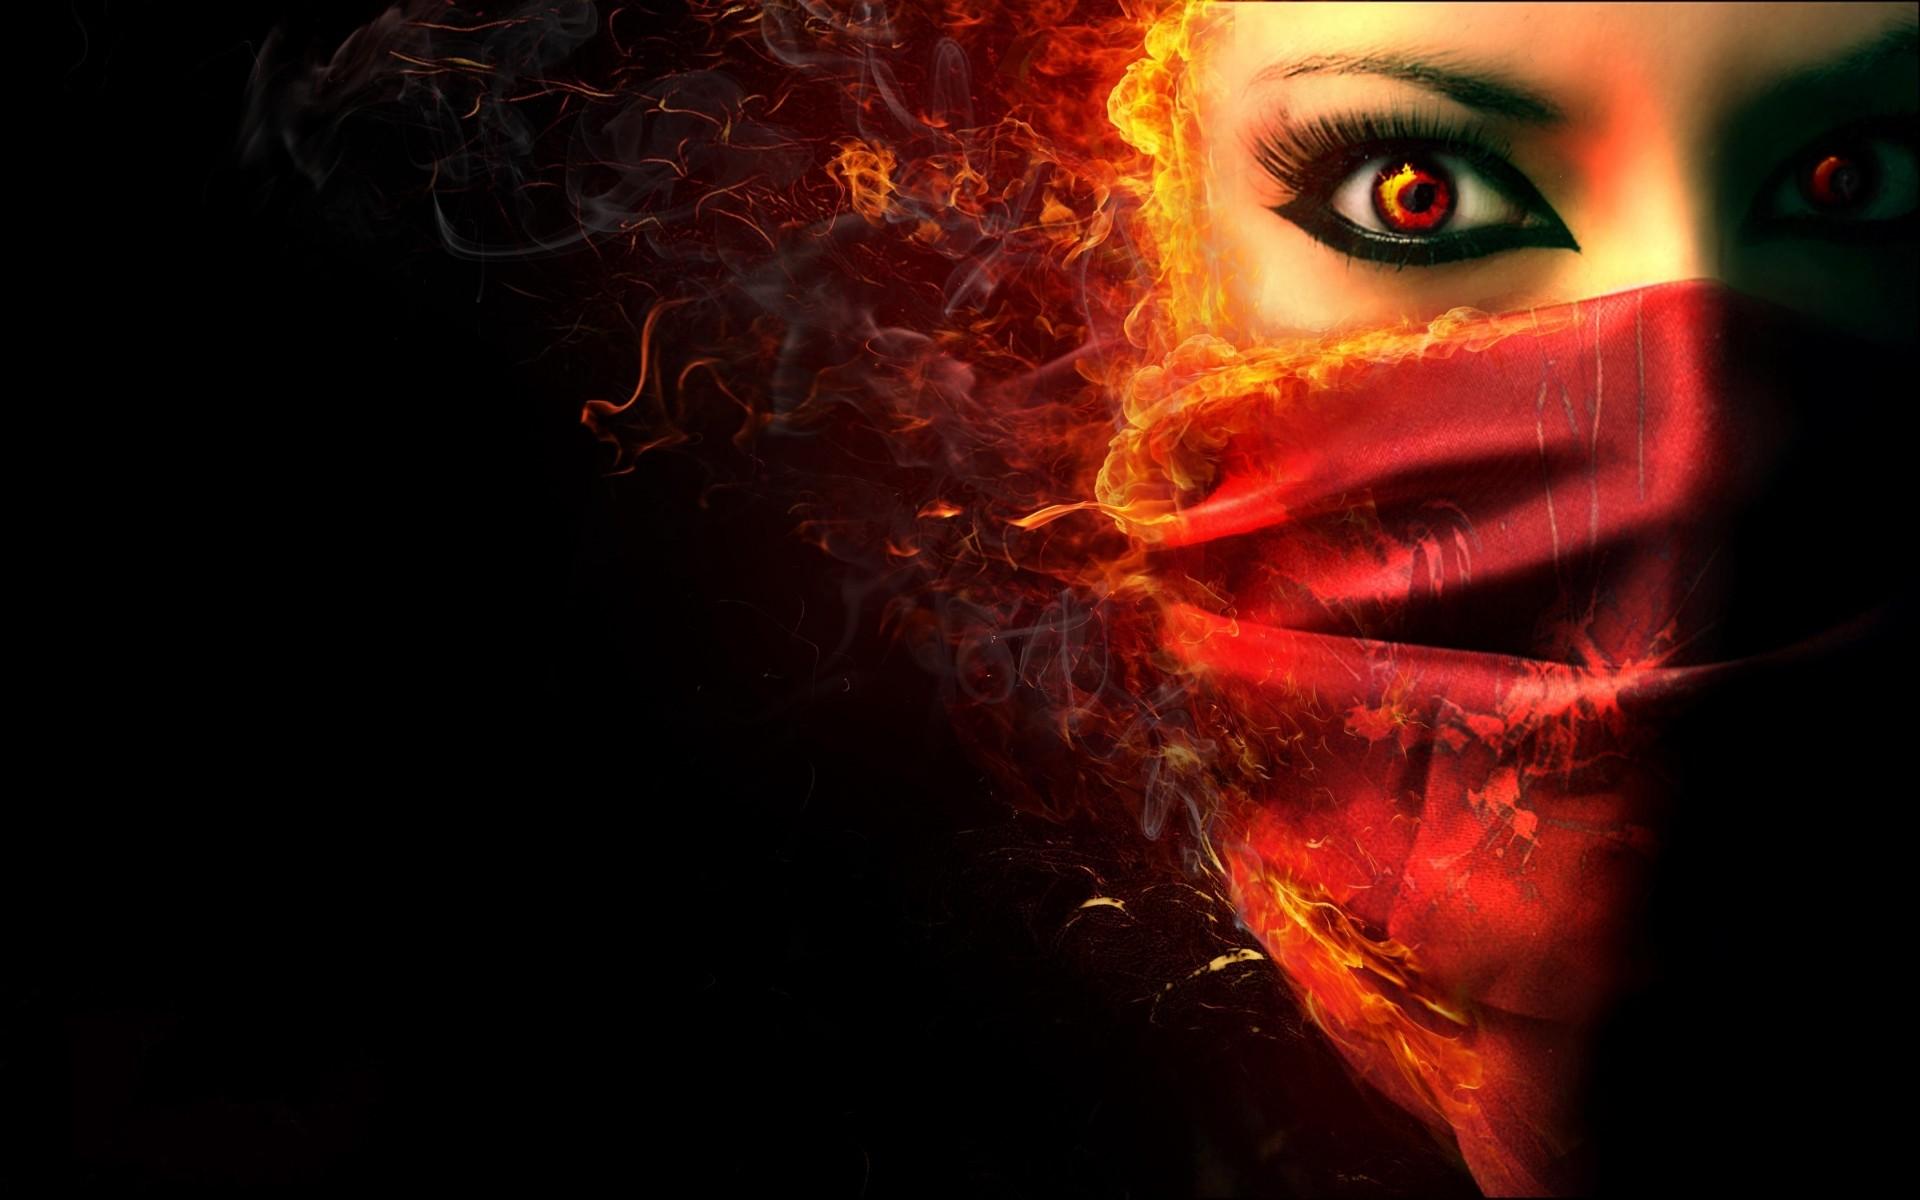 Fantasy dark horror face demon evil women wallpaper   .